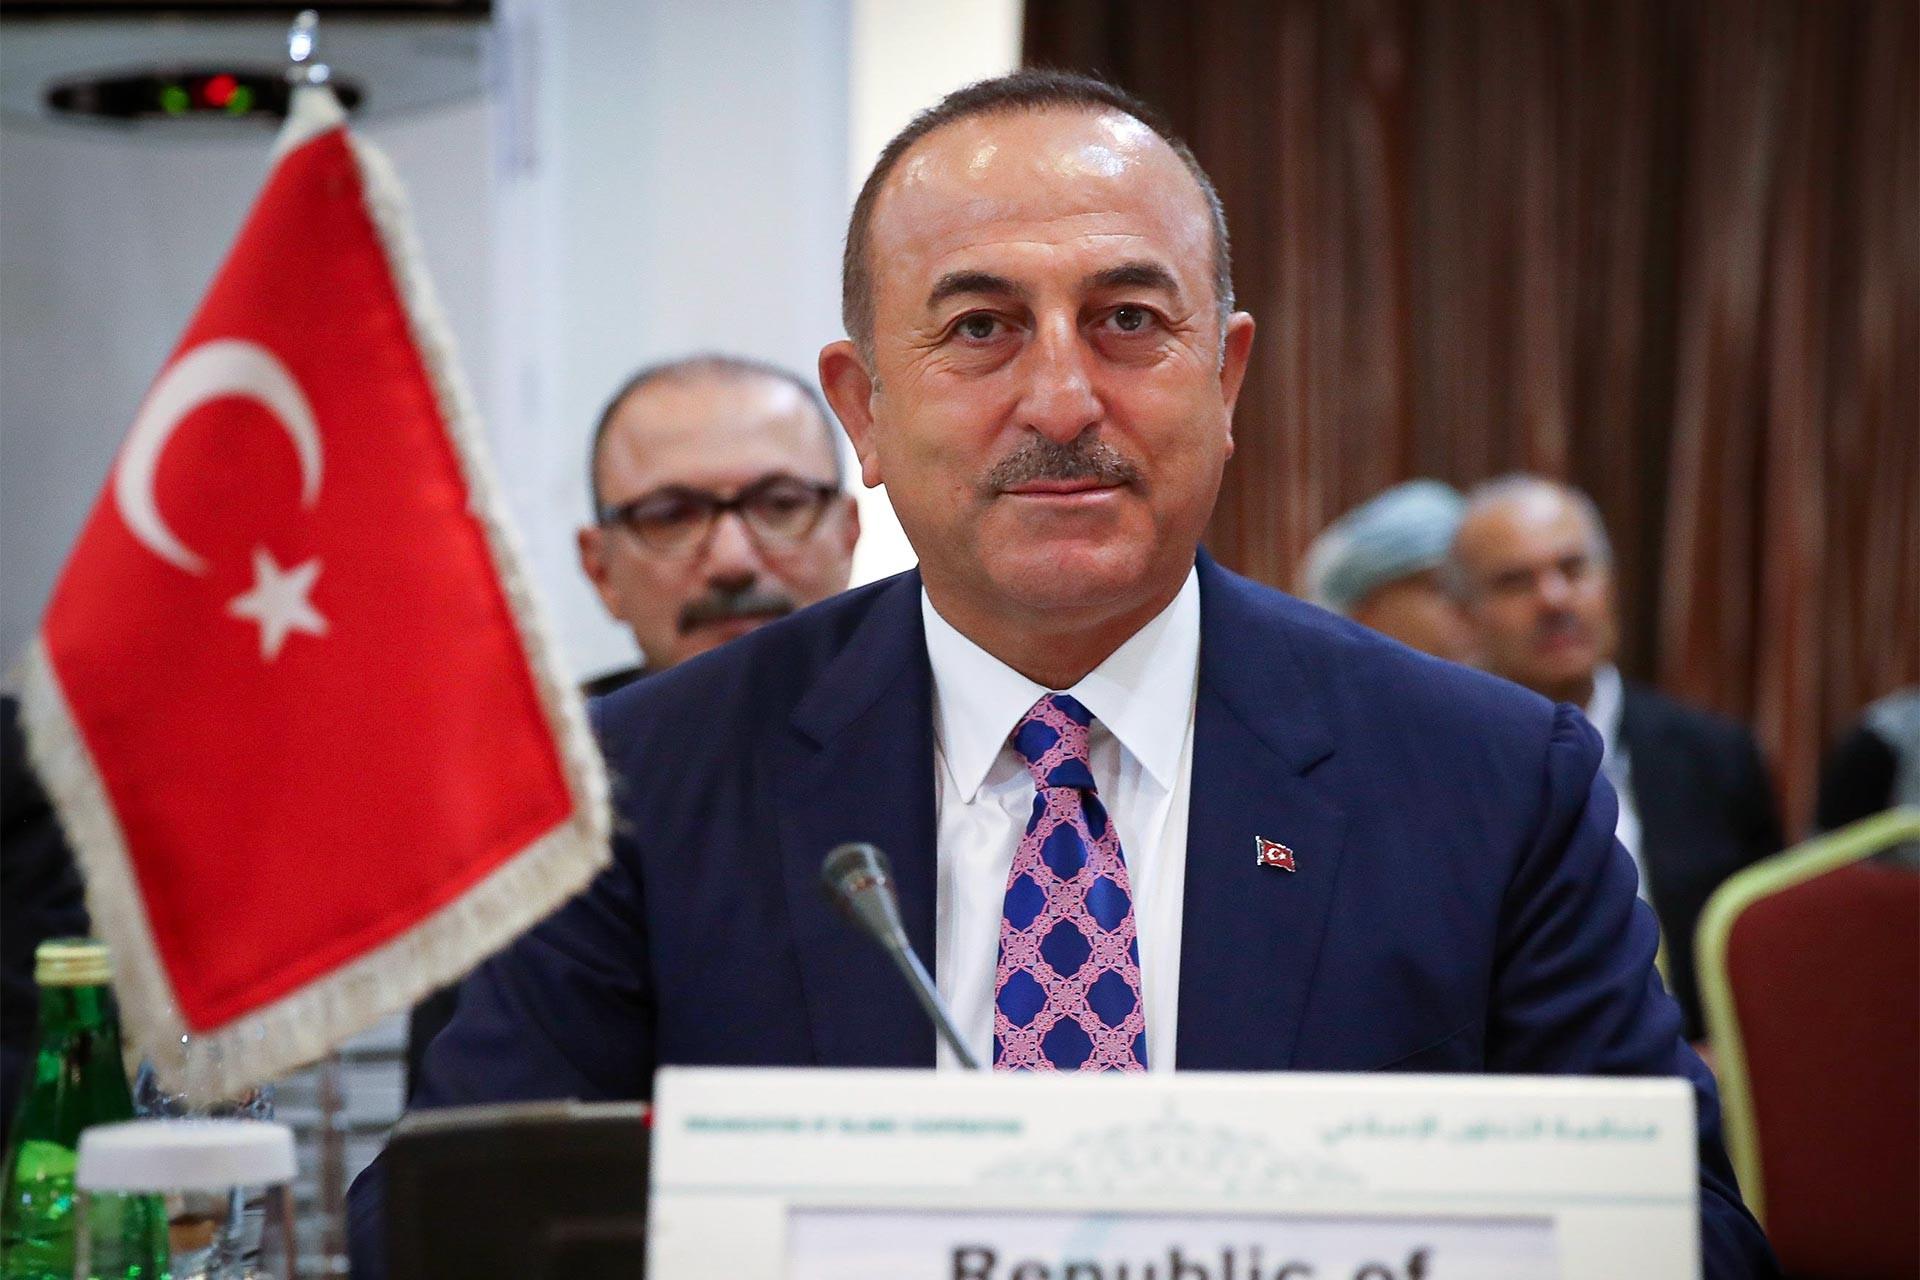 Dışişleri Bakanı Çavuşoğlu İsrail'in 'ilhak' açıklamasını yine kınadı